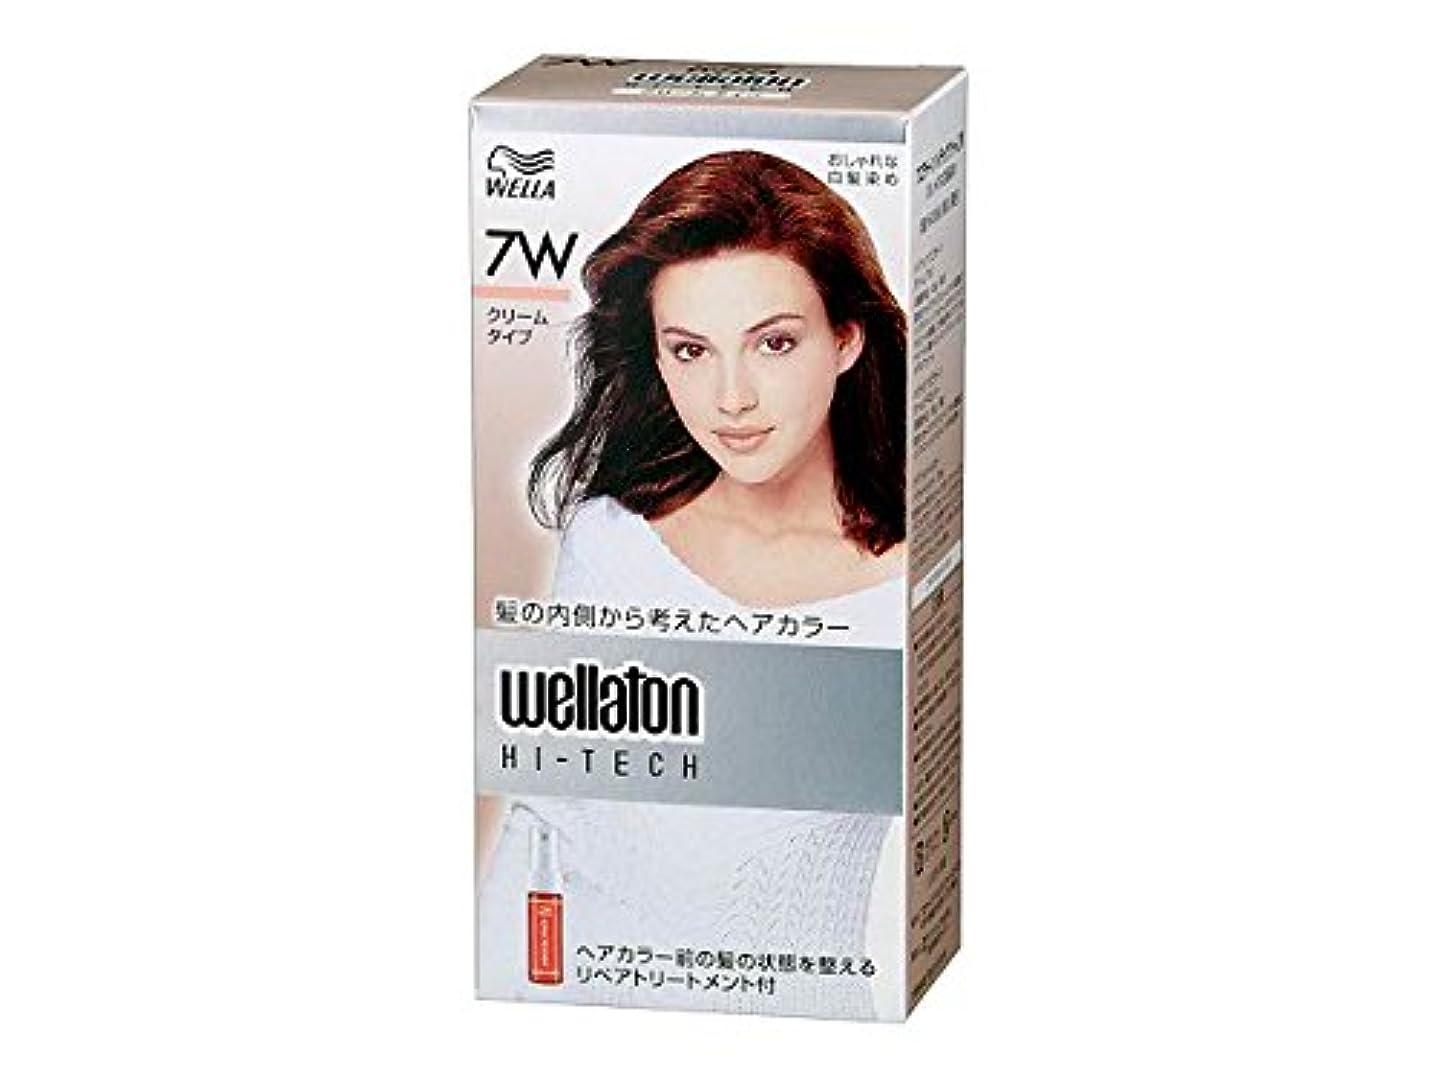 ブラウスフロープログレッシブ【ヘアケア】P&G ウエラトーン ハイテック クリーム 7W 暖かみのある明るい栗色 医薬部外品 白髪染めヘアカラー(女性用)×24点セット (4902565140541)